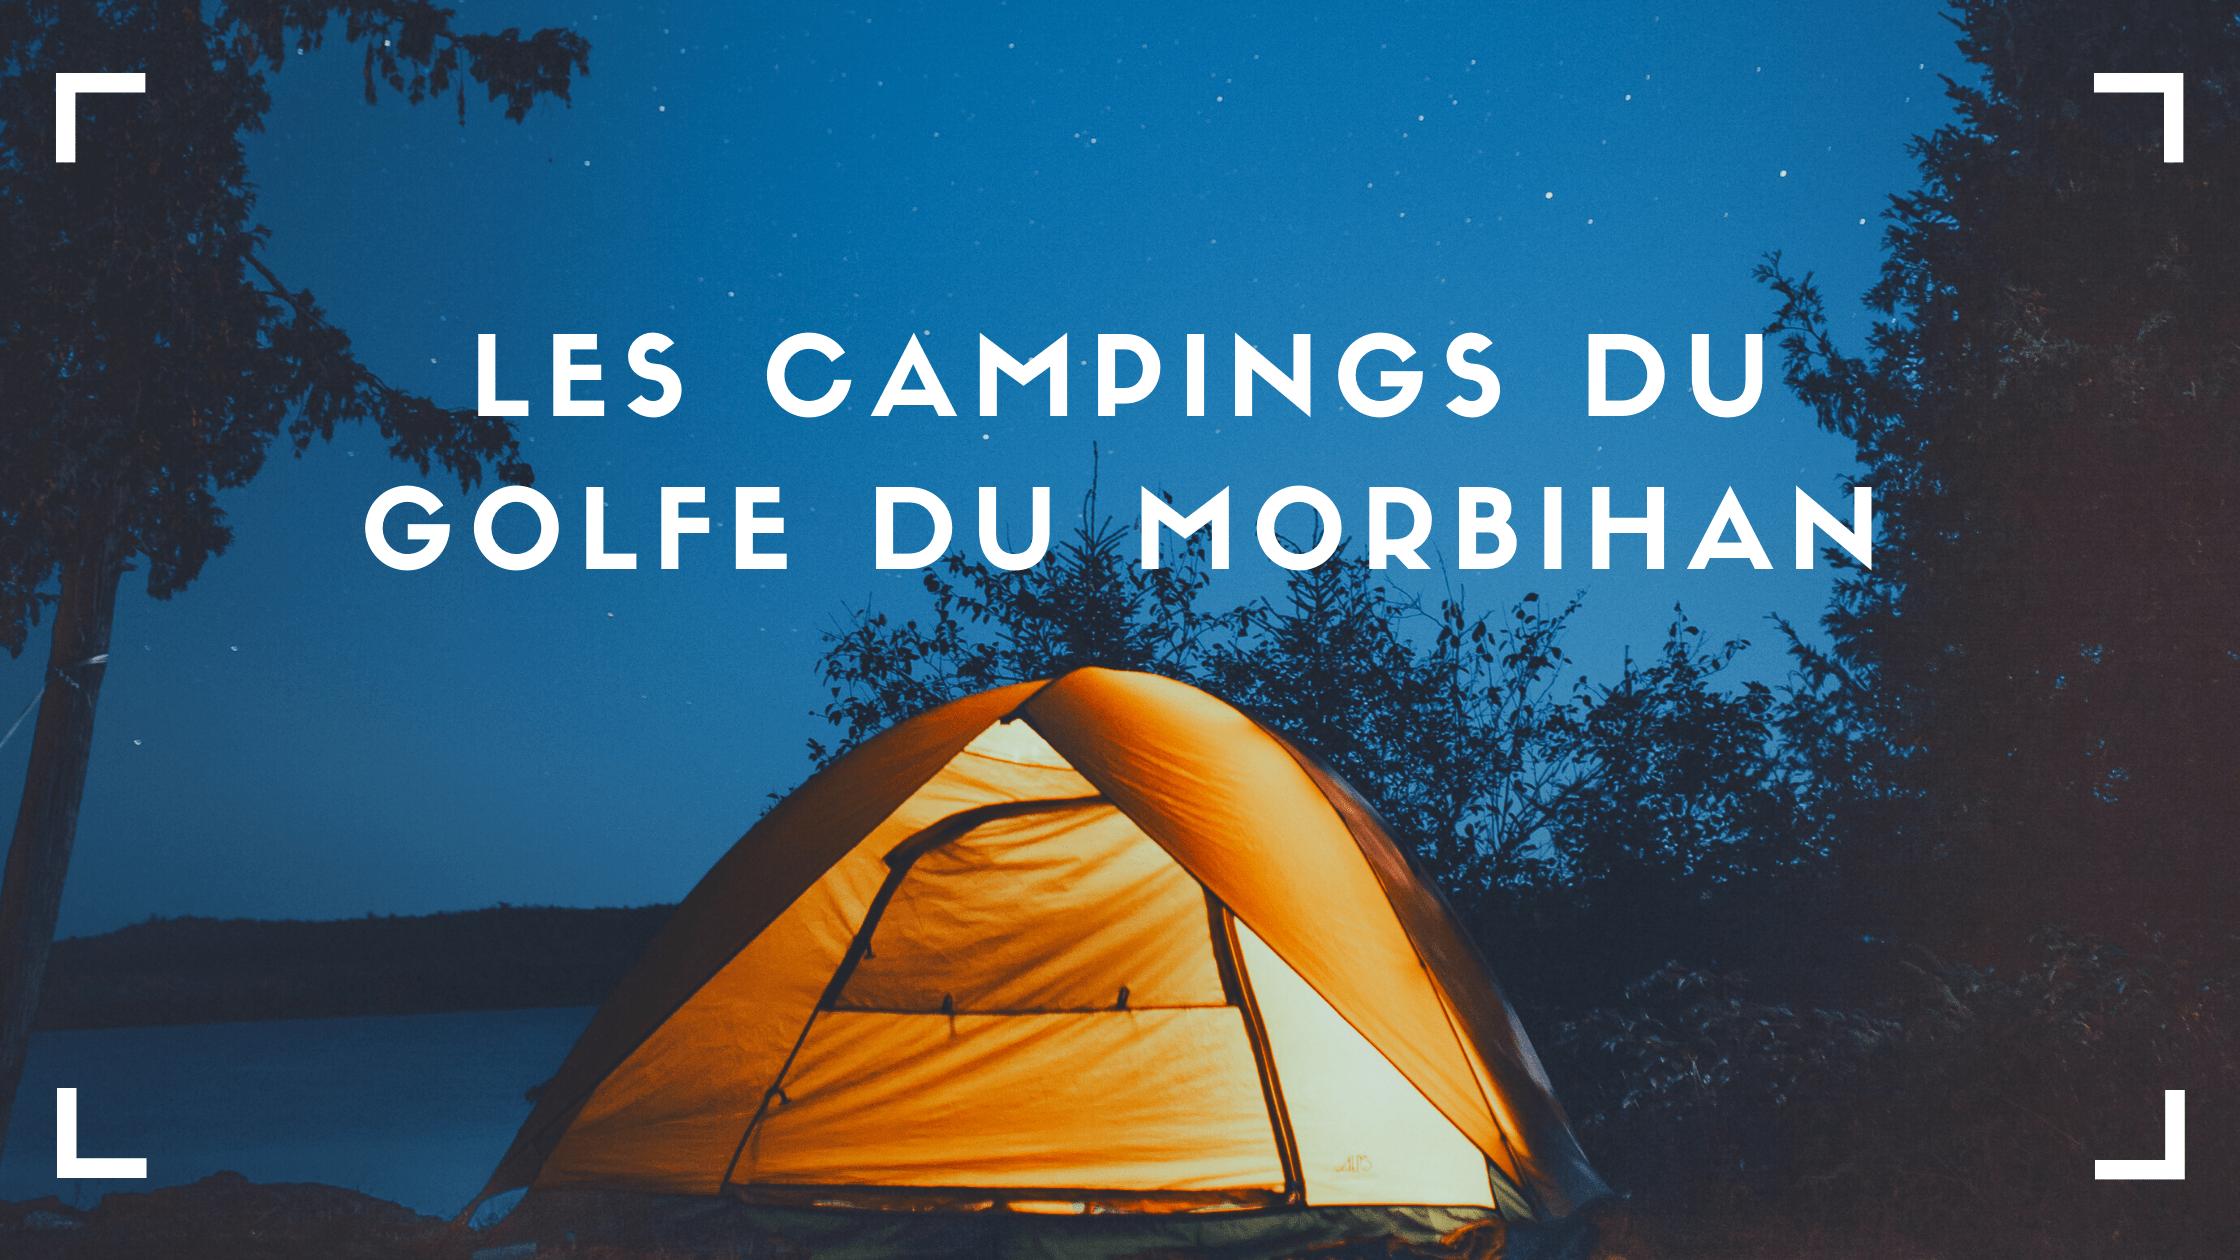 Campings du Golfe du Morbihan